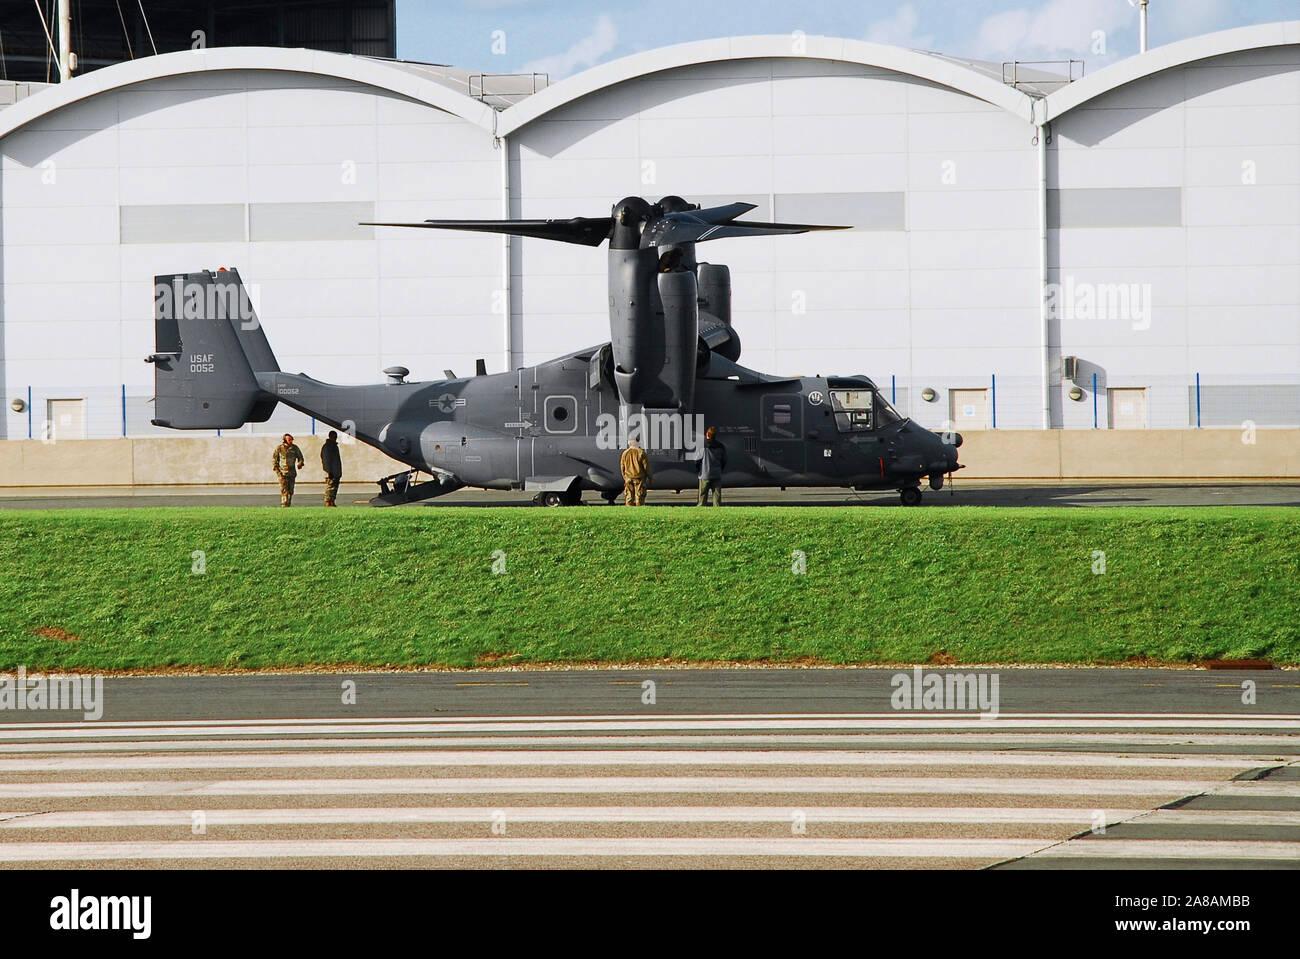 Portland. El 7 de noviembre de 2019. Un USAF 'Osprey' clase de aviones de despegue vertical en Portland refuels helipuerto en un soleado pero frío día. Crédito: Stuart fretwell/Alamy Live News Foto de stock